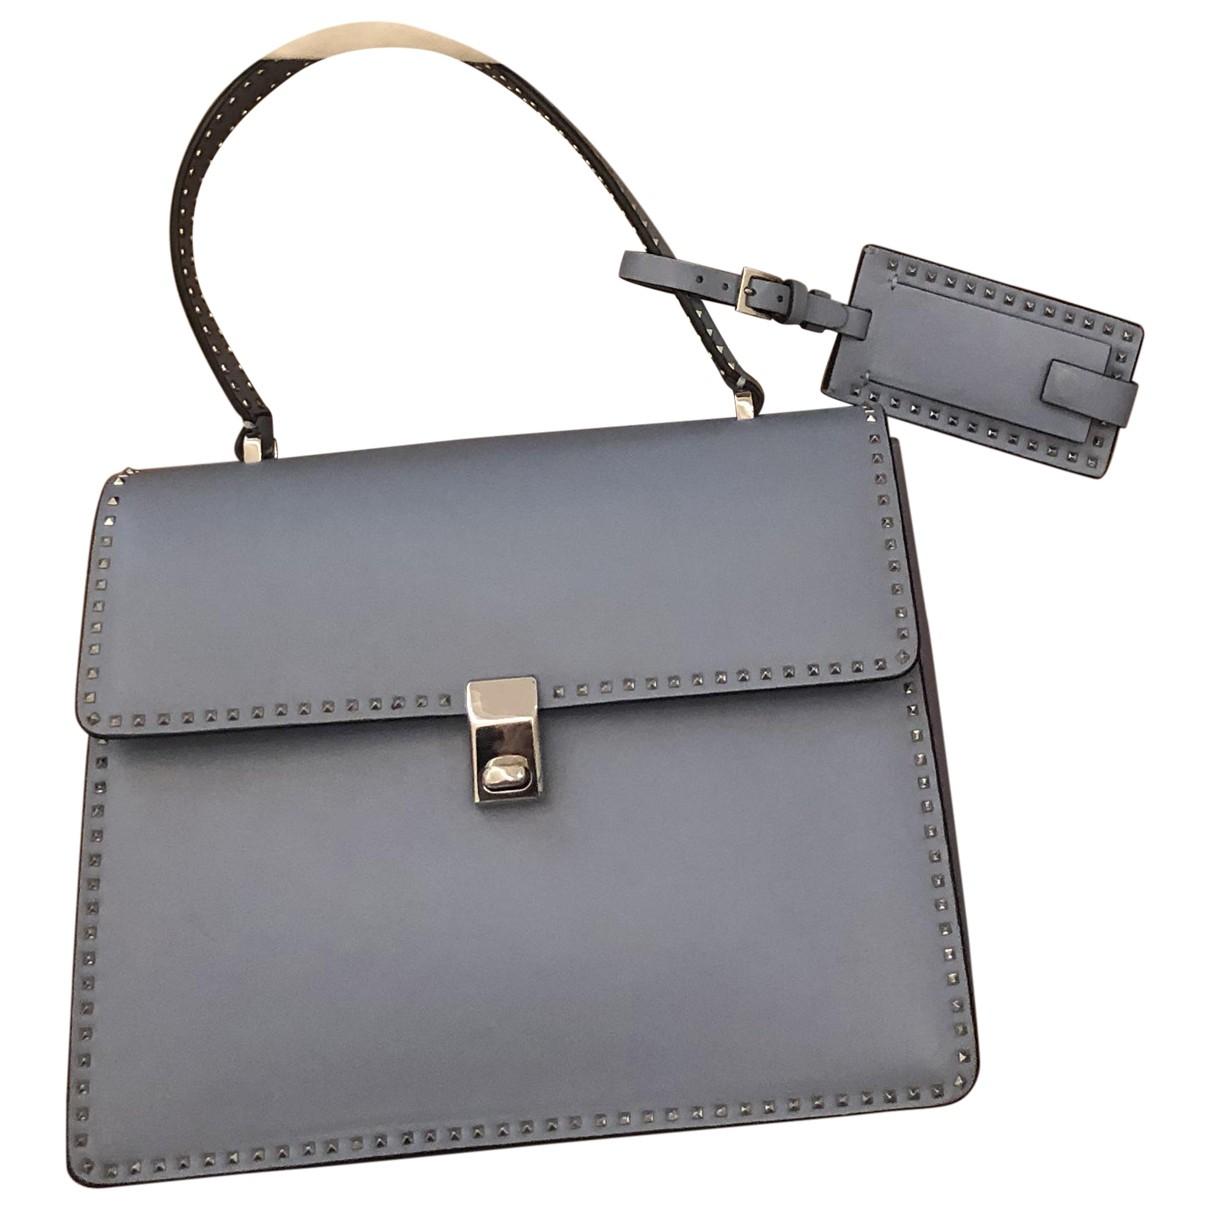 Valentino Garavani My Rockstud Handtasche in  Blau Leder